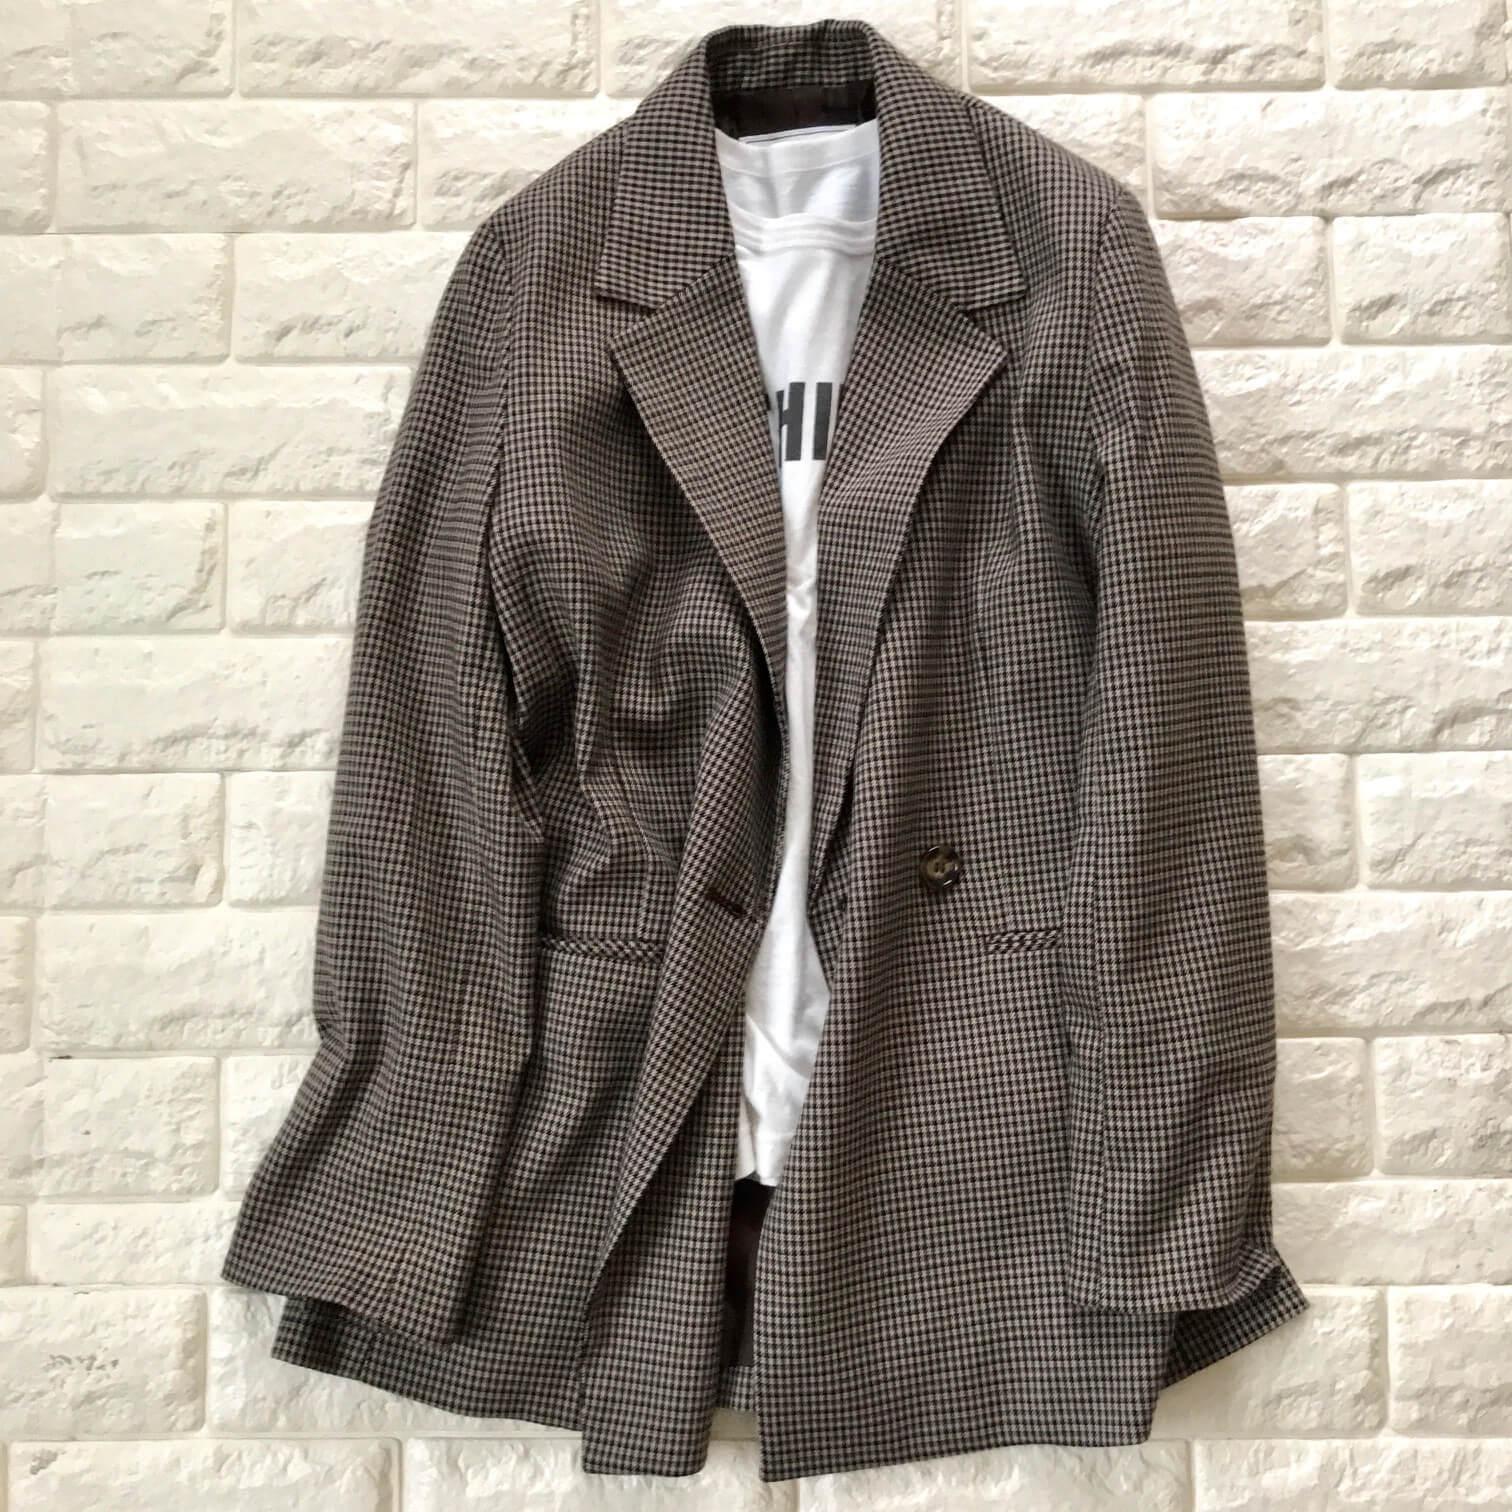 ロペピクニックのジャケット、袖比較画像